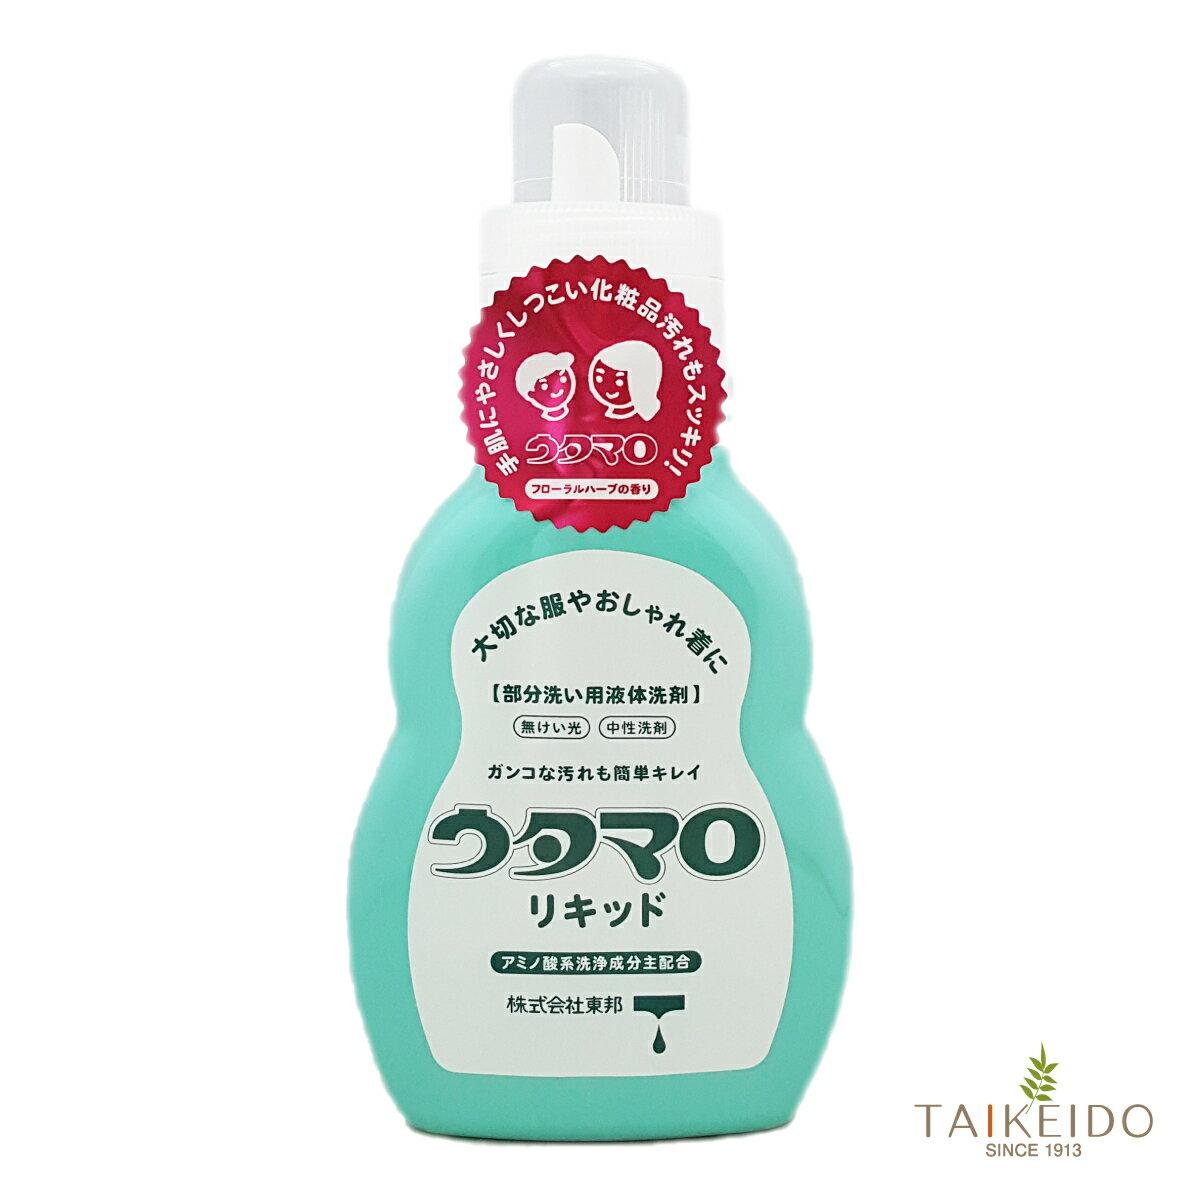 ウタマロリキッド(洗濯用洗剤) 400ml 掃除